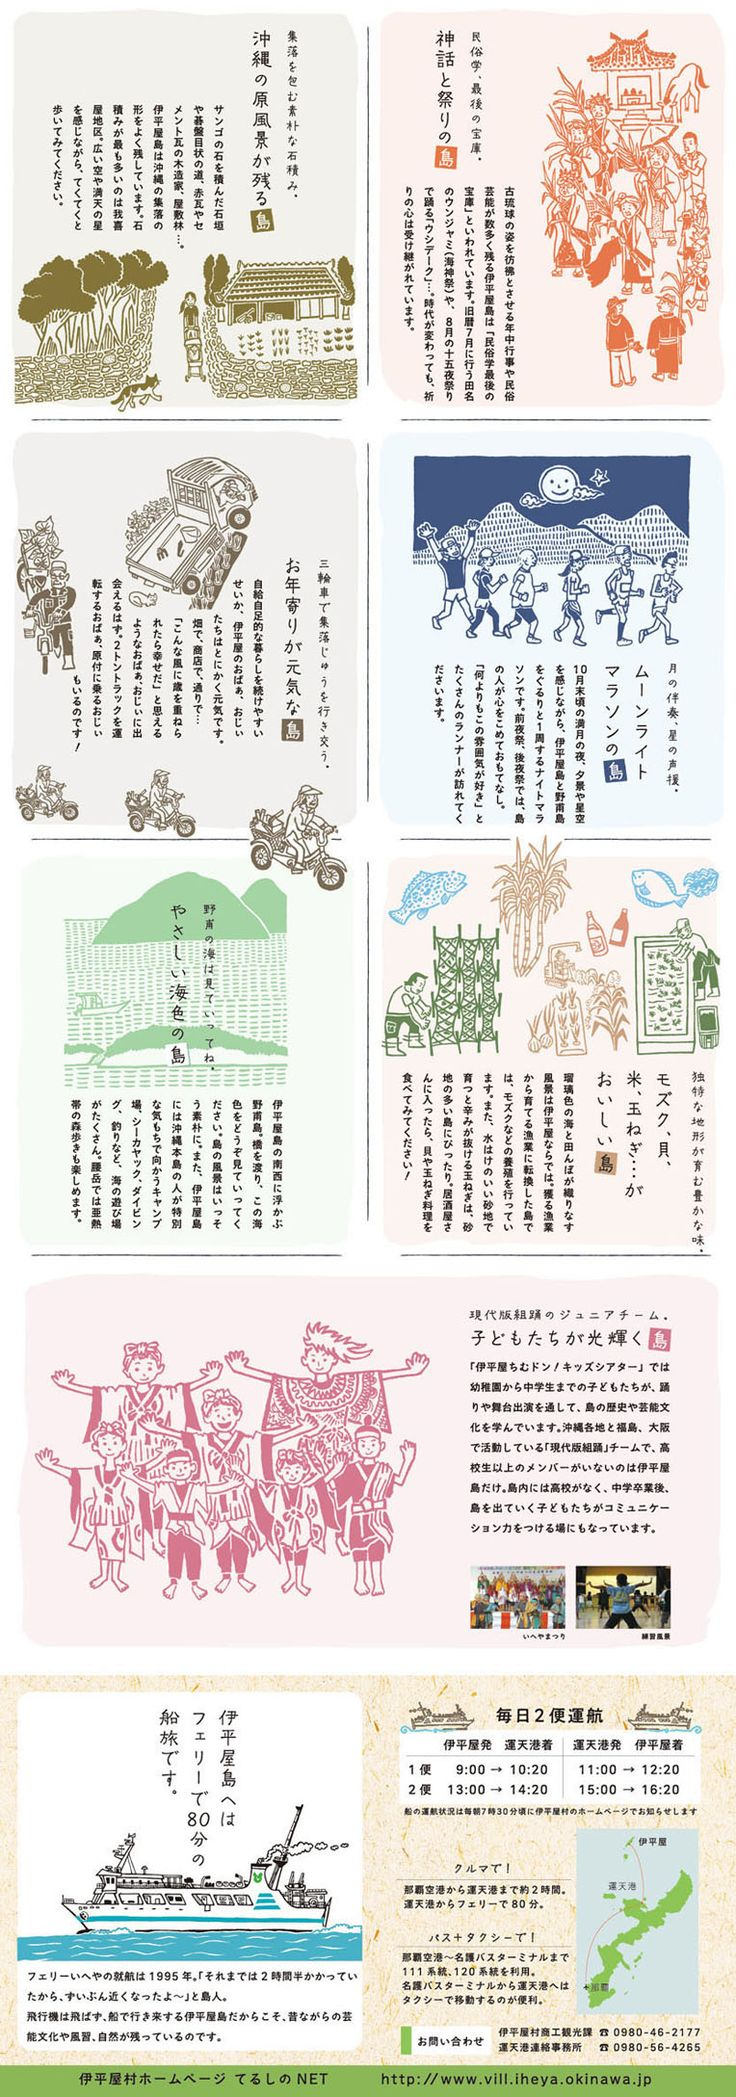 伊平屋島の子どもたちによる『琉球王国始まりの島 屋蔵大主物語』の画像:アイデアにんべん